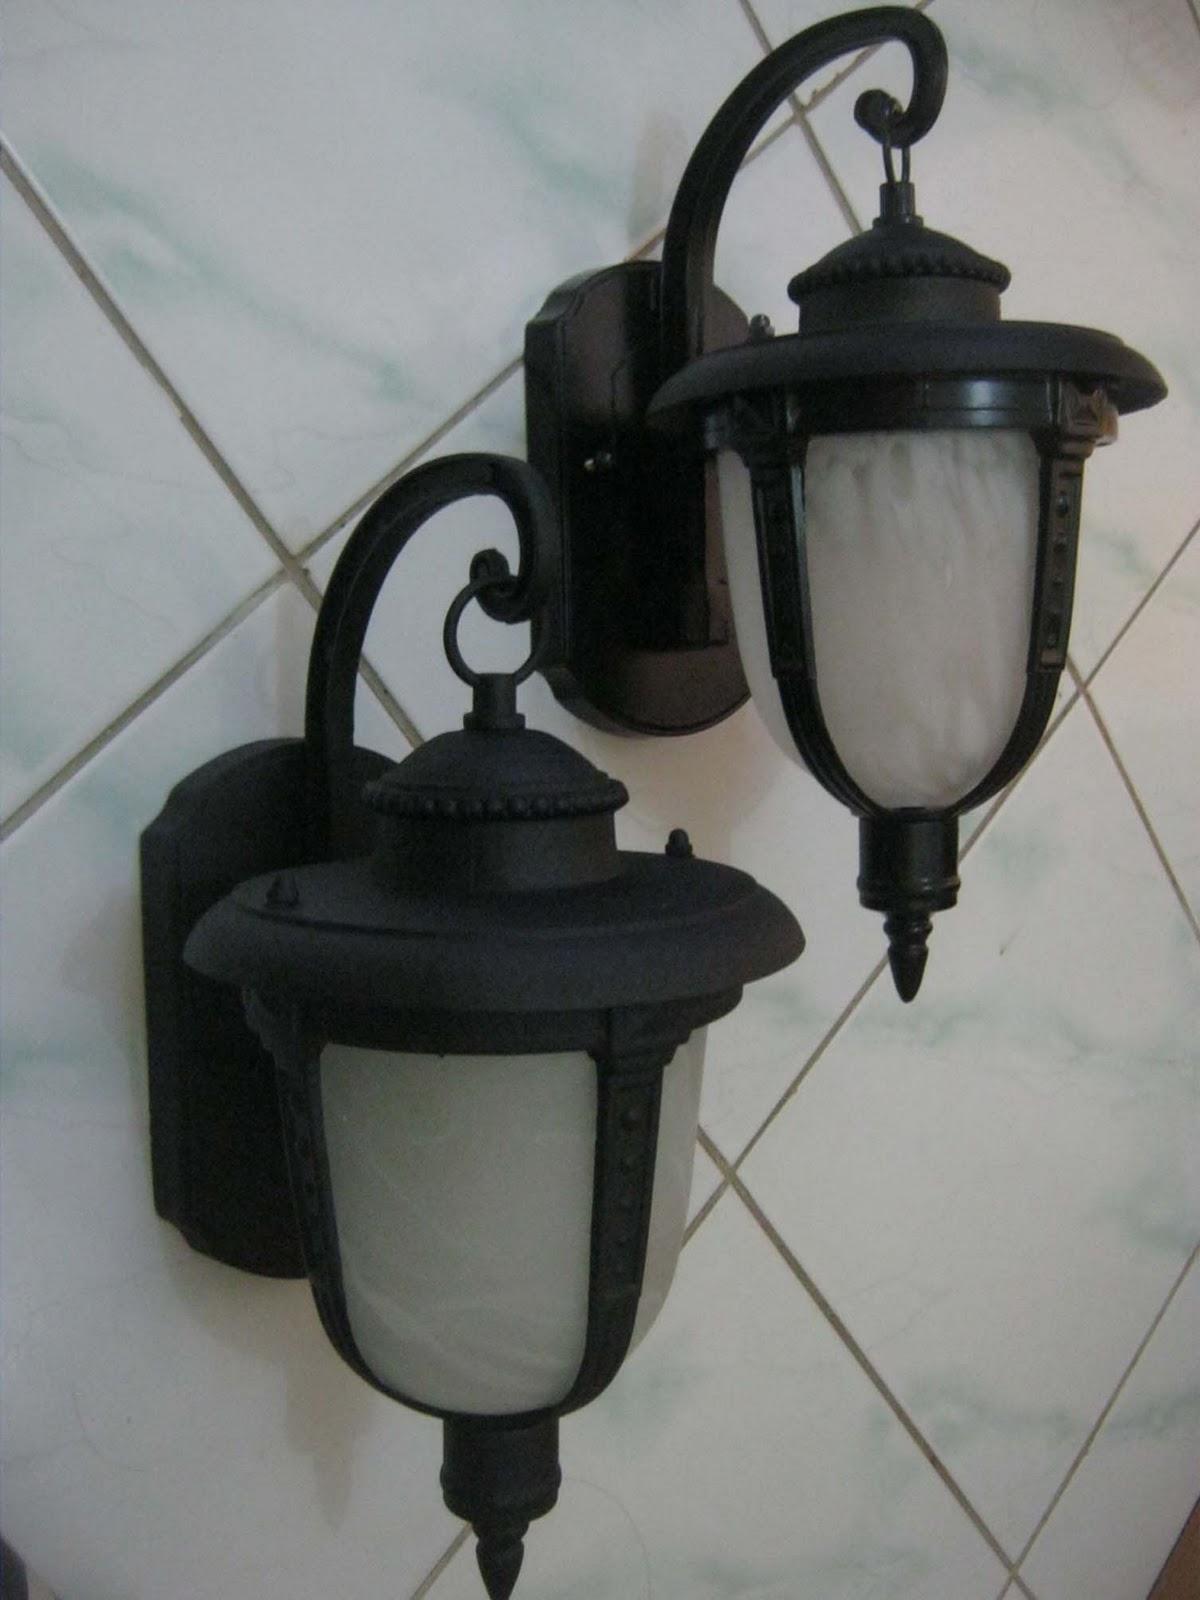 Download lampu gantung jepang usaha jaya comment on this picture lampu ...